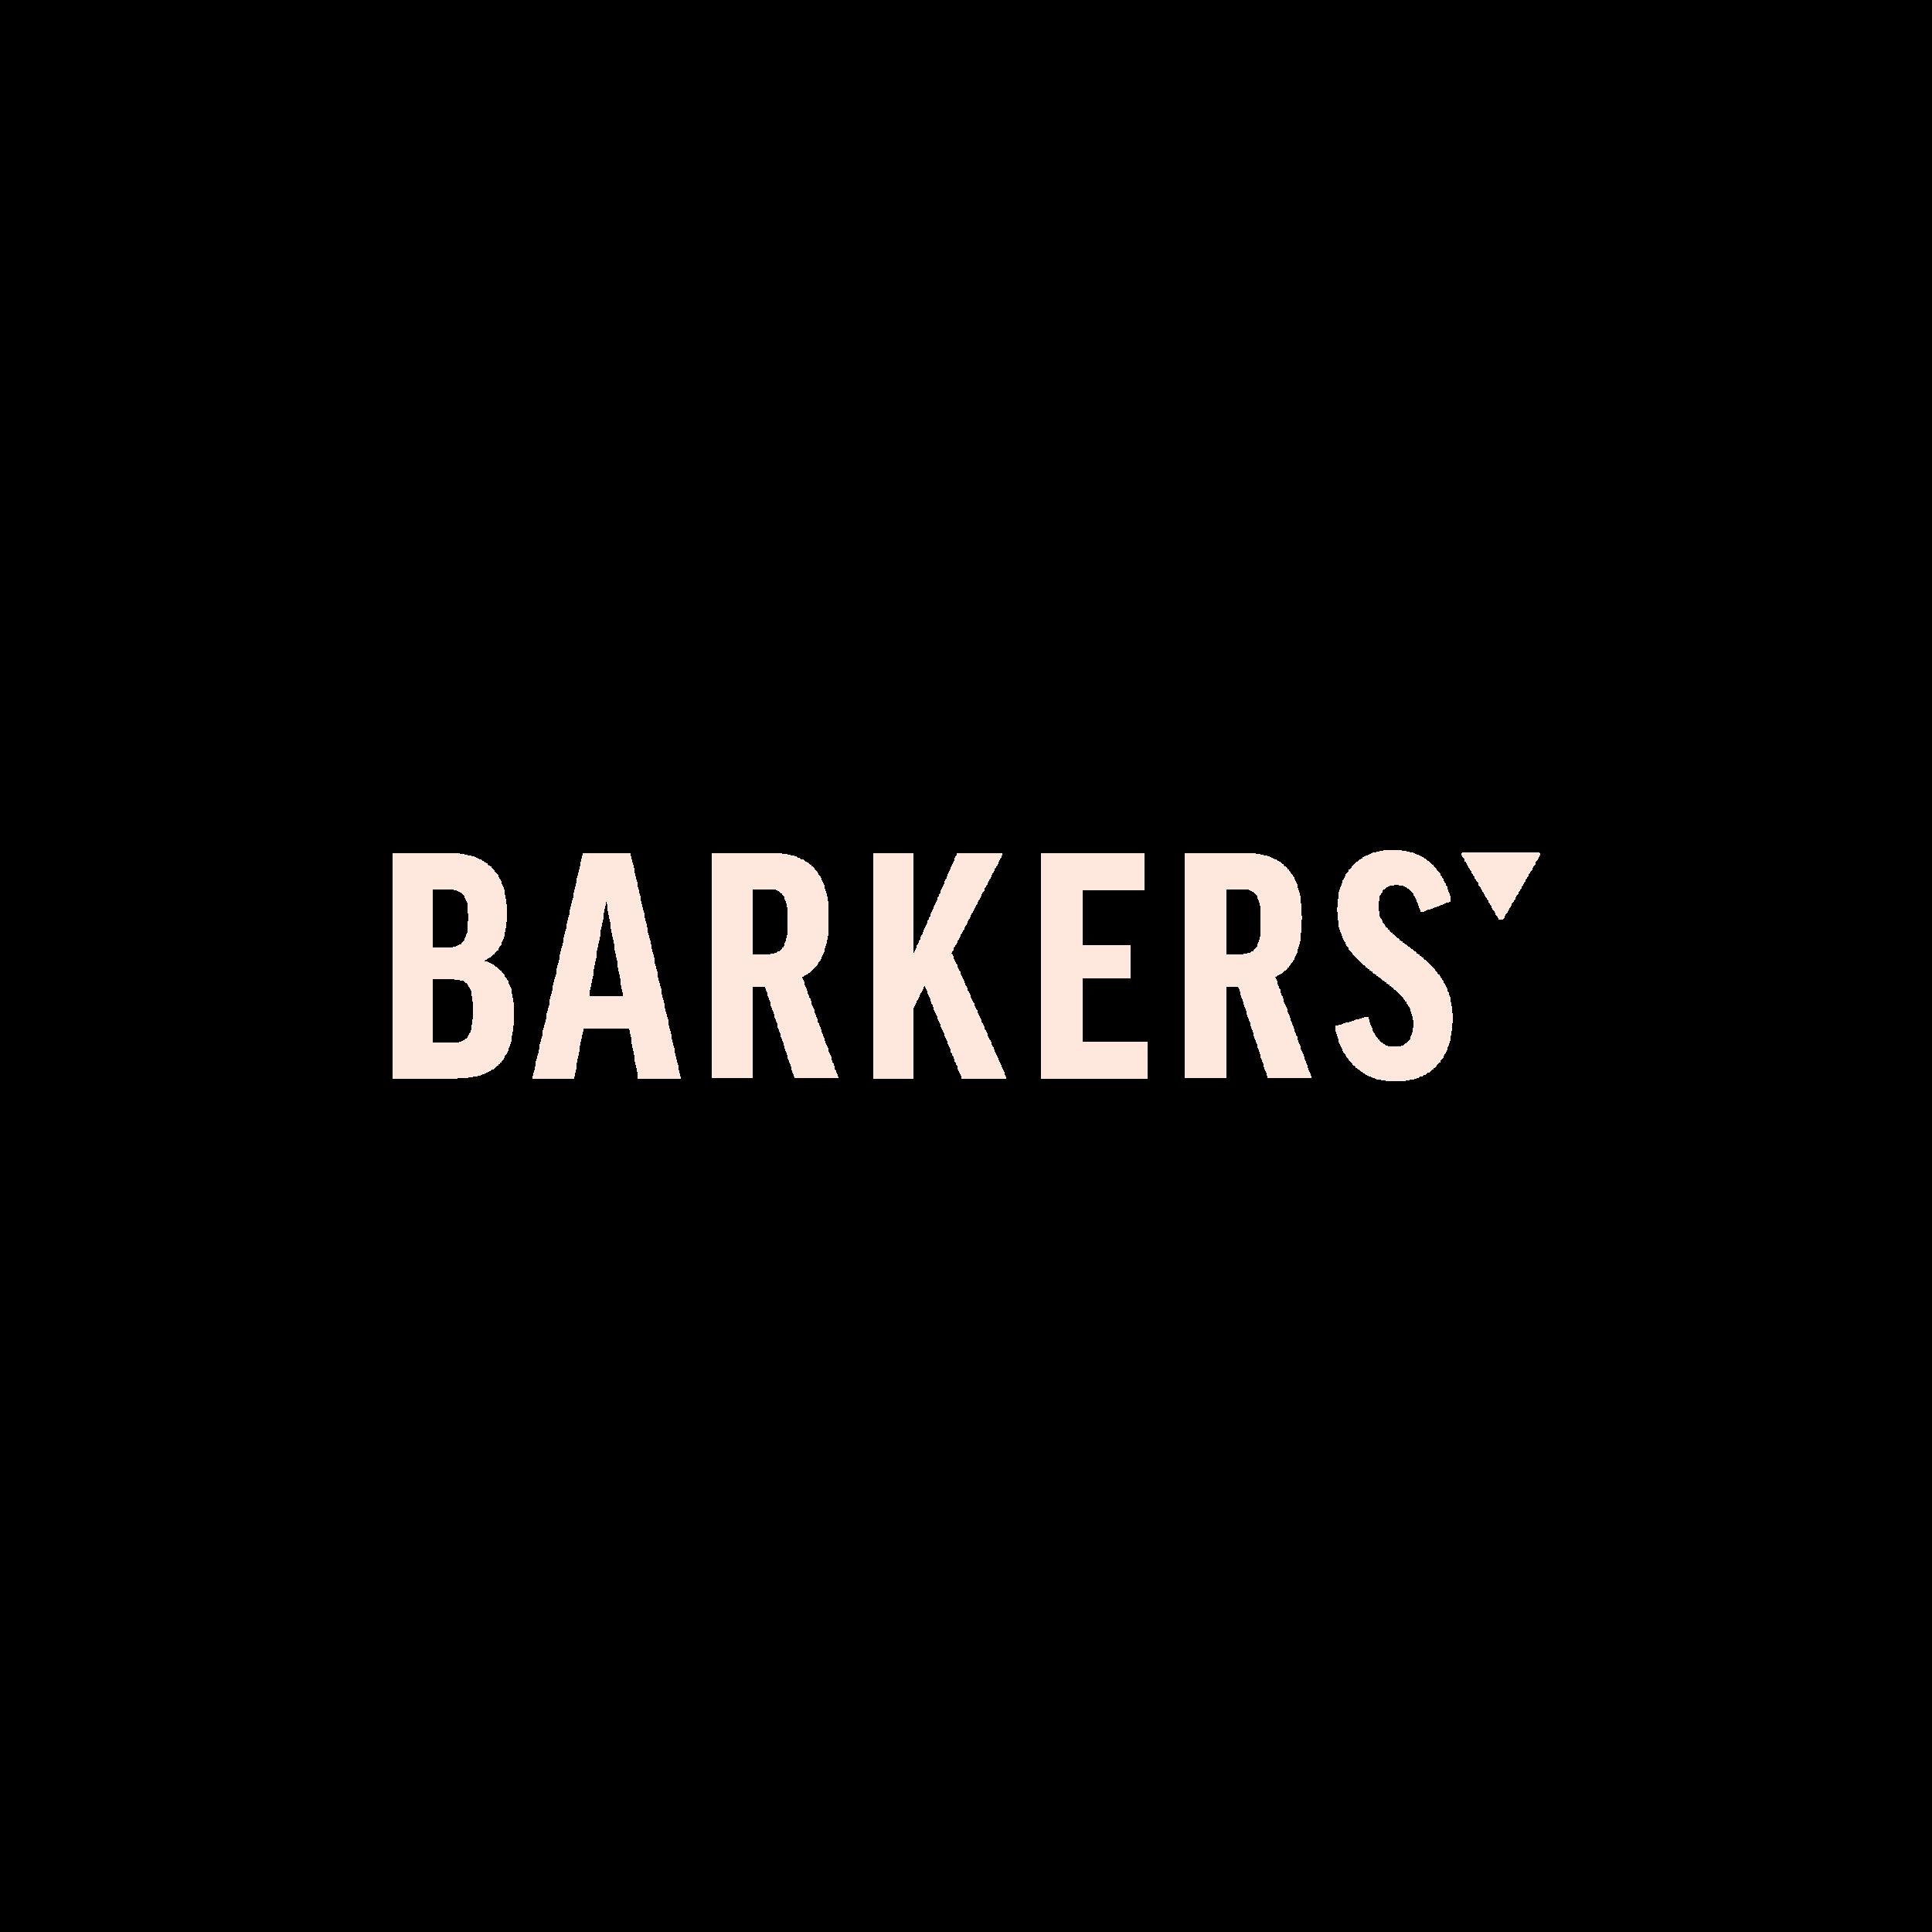 BARKERSArtboard 2 copy 10.png